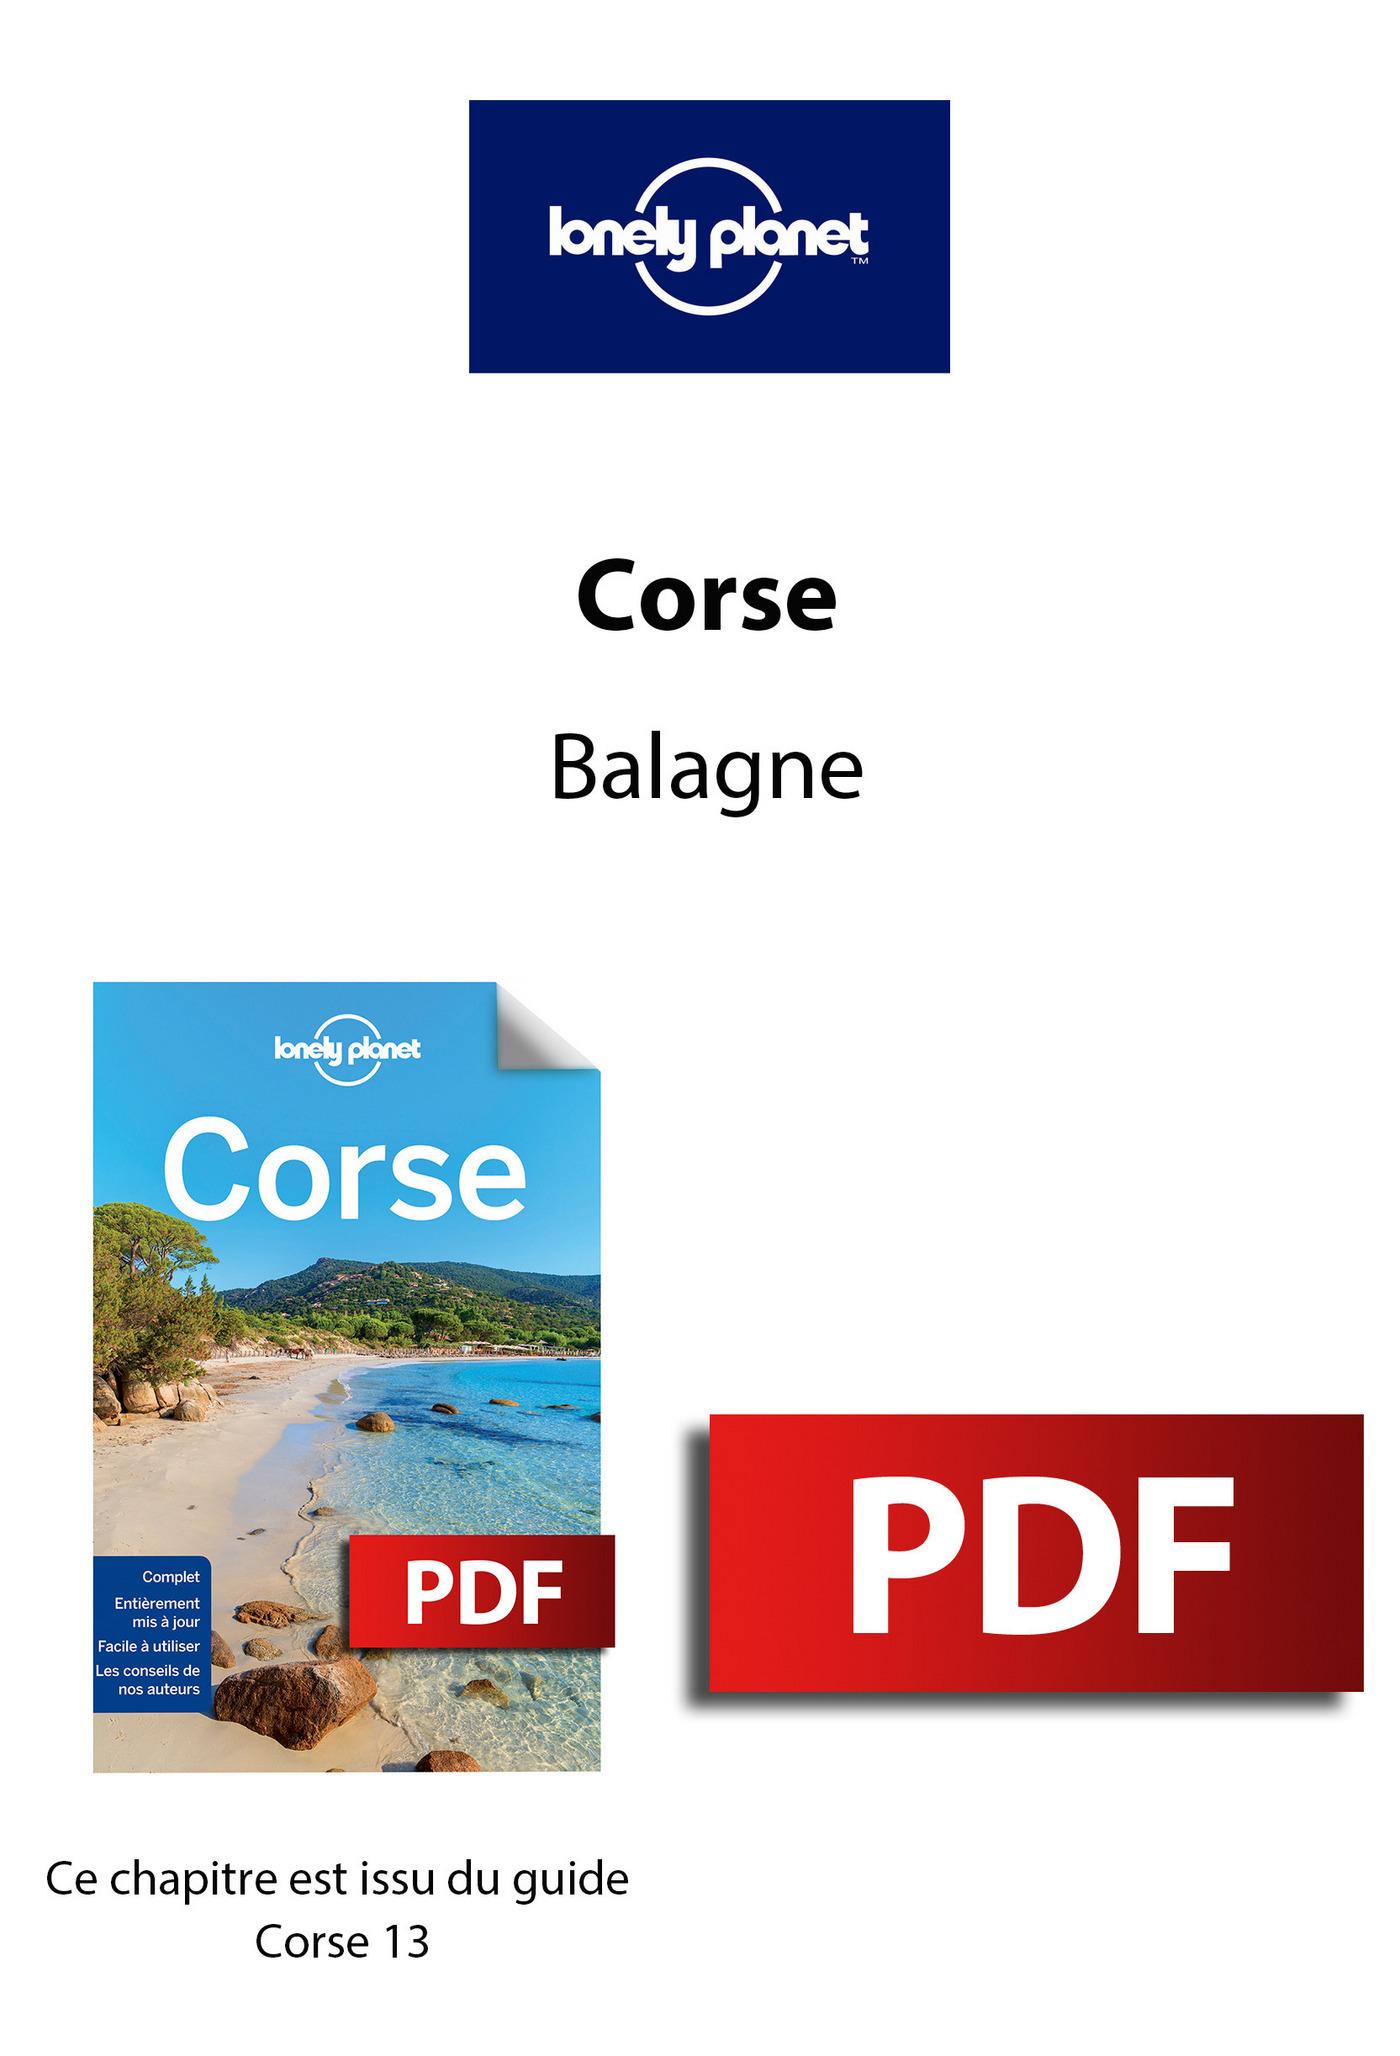 Corse - Balagne